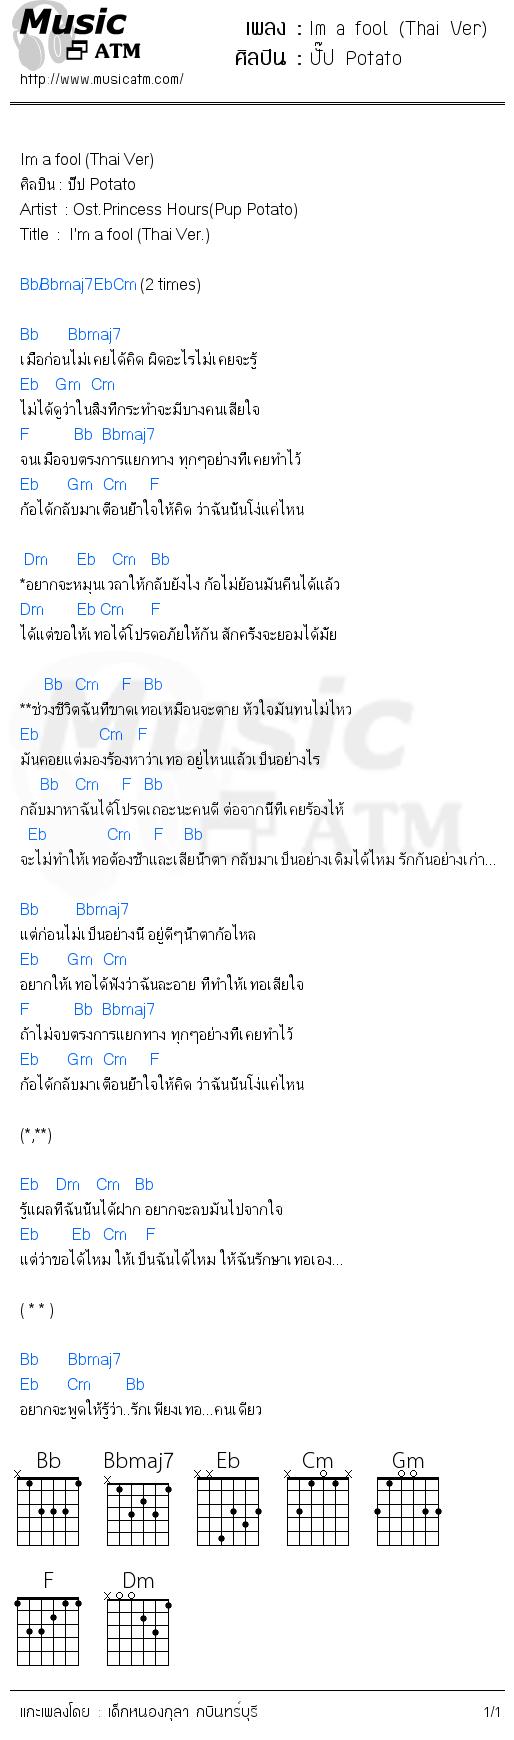 คอร์ดเพลง Im a fool (Thai Ver) - ปั๊ป Potato | คอร์ดเพลงใหม่